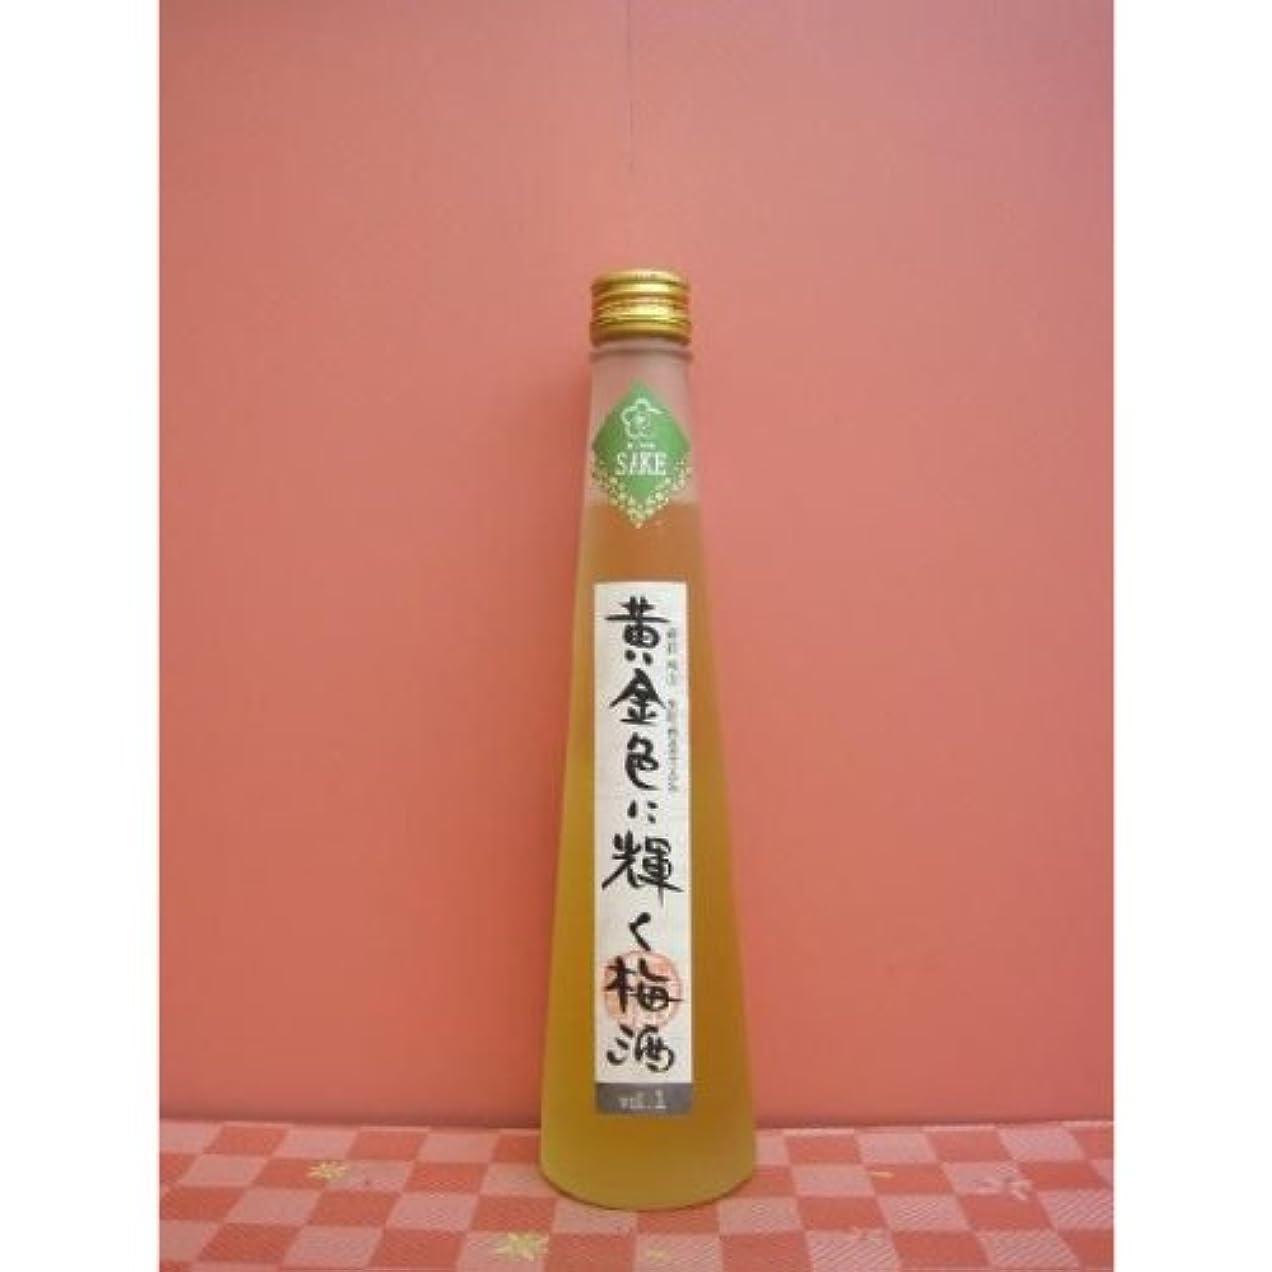 五十投げ捨てるコンチネンタル櫻室町 黄金色に輝く梅酒 8度 300ml